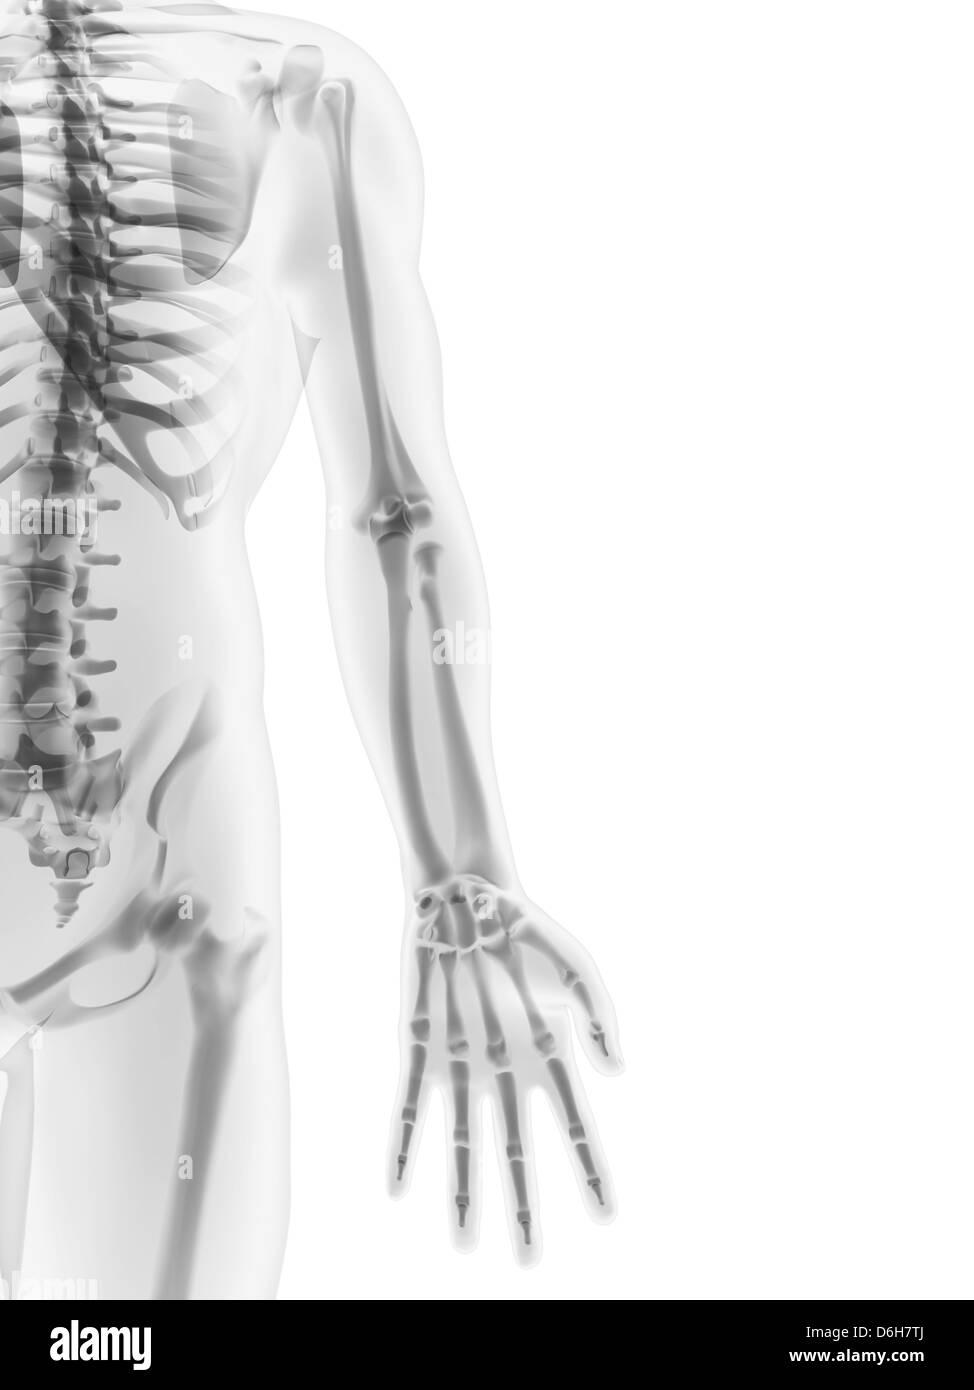 Menschliches Skelett, Kunstwerk Stockfoto, Bild: 55698402 - Alamy